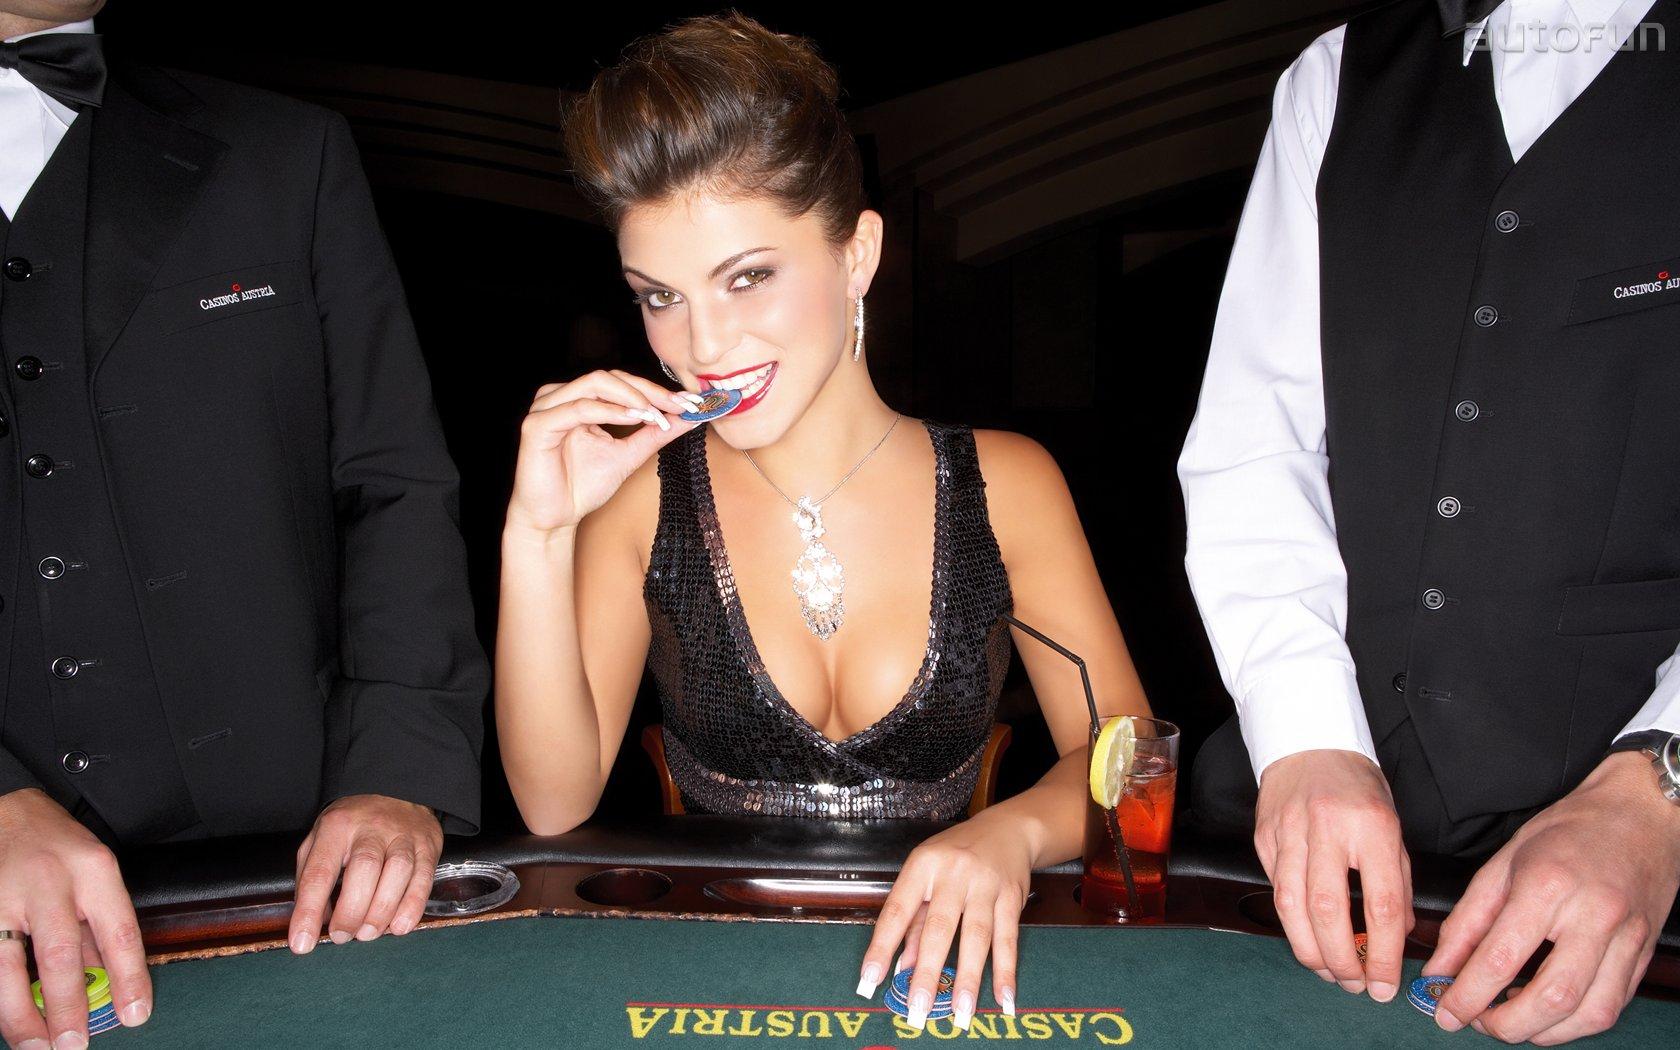 Mala istorija kockanja: Mrdni prstom, pa da vidim kakve si sreće